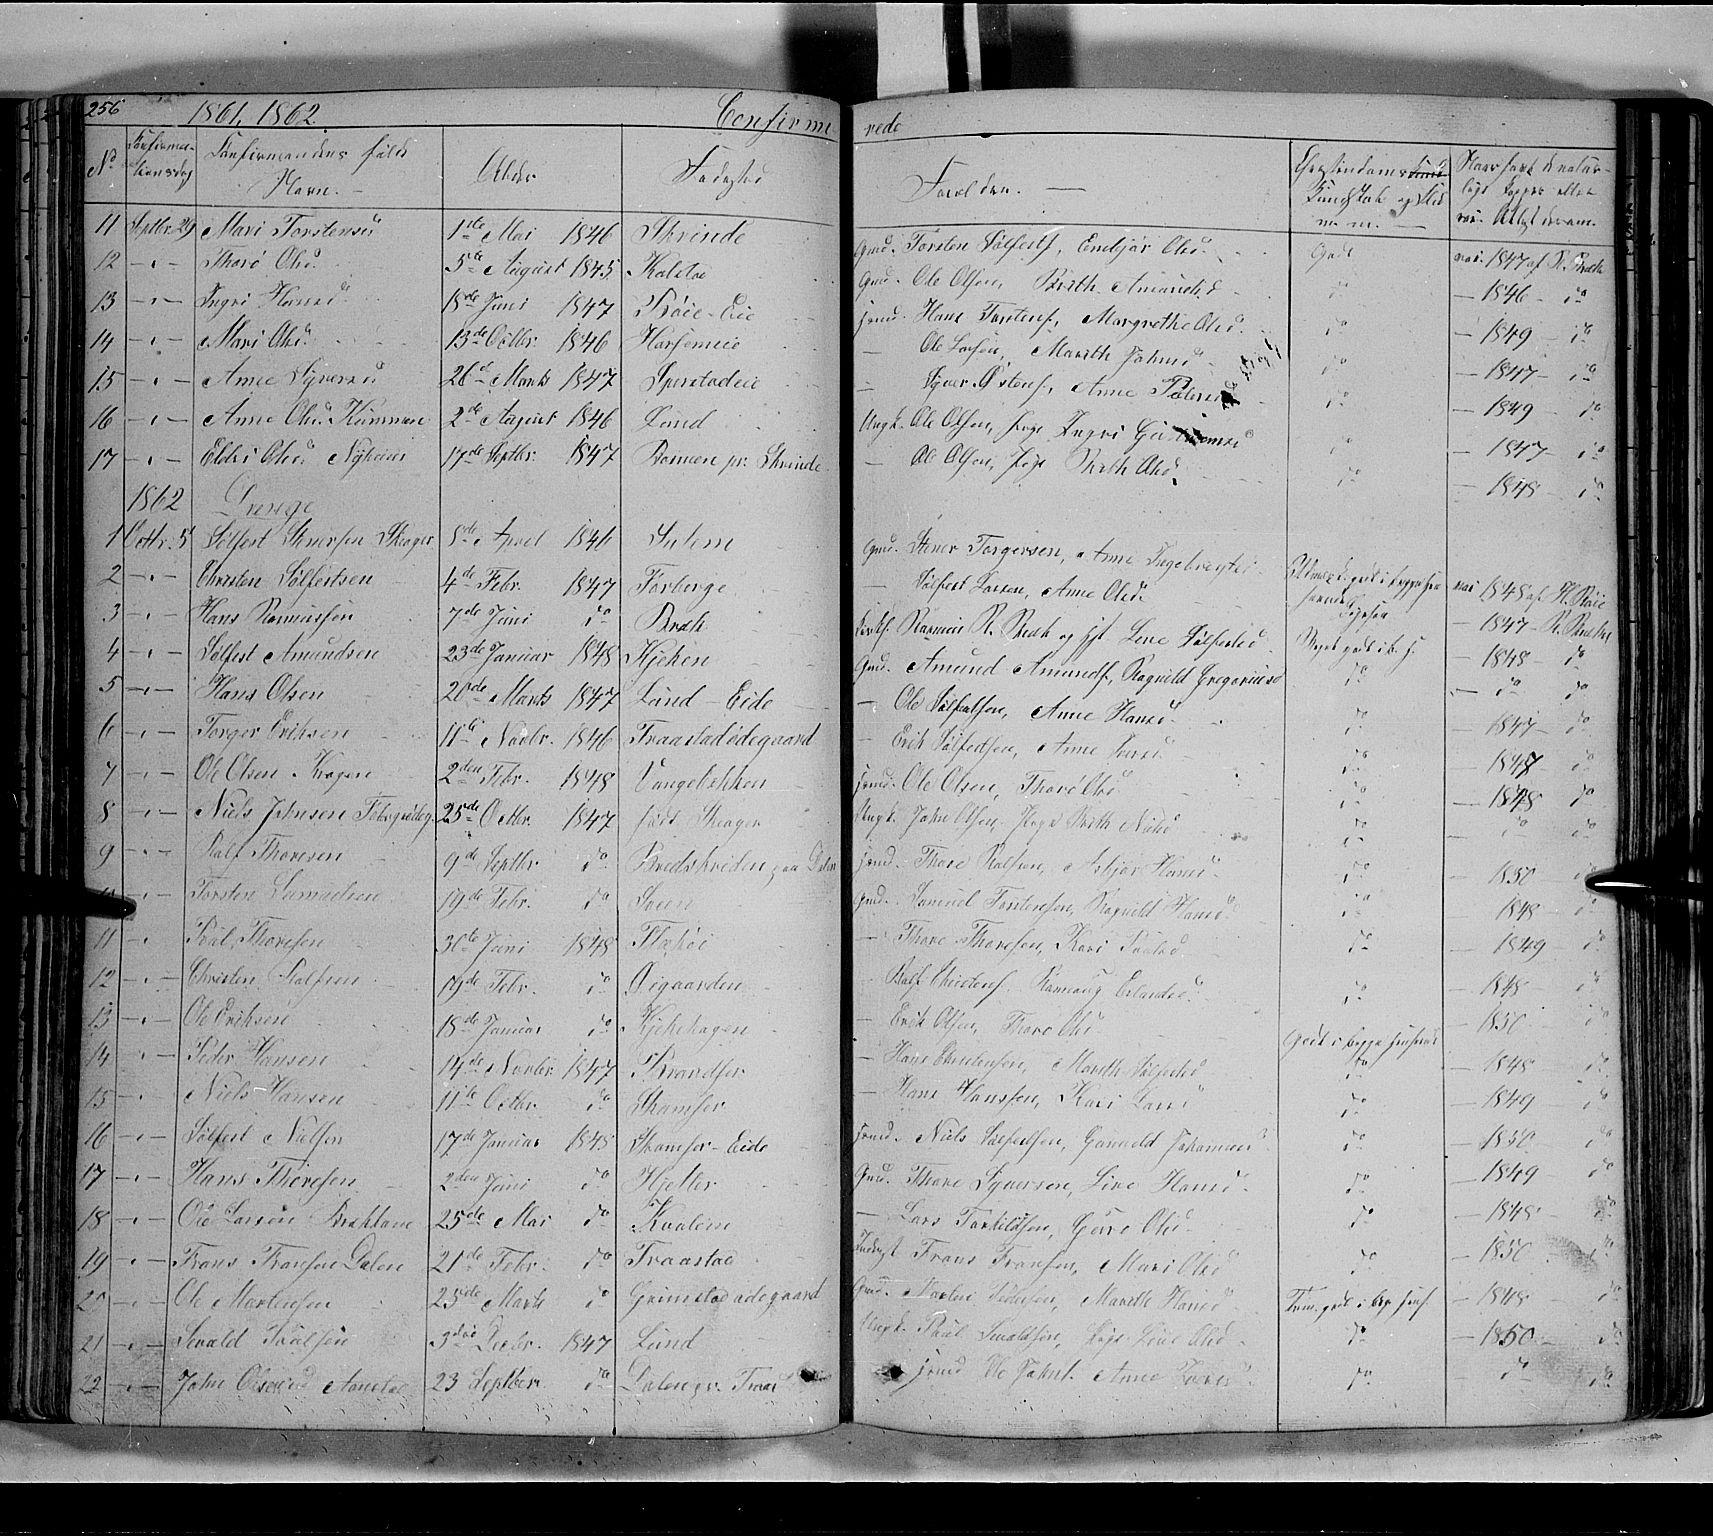 SAH, Lom prestekontor, L/L0004: Klokkerbok nr. 4, 1845-1864, s. 256-257